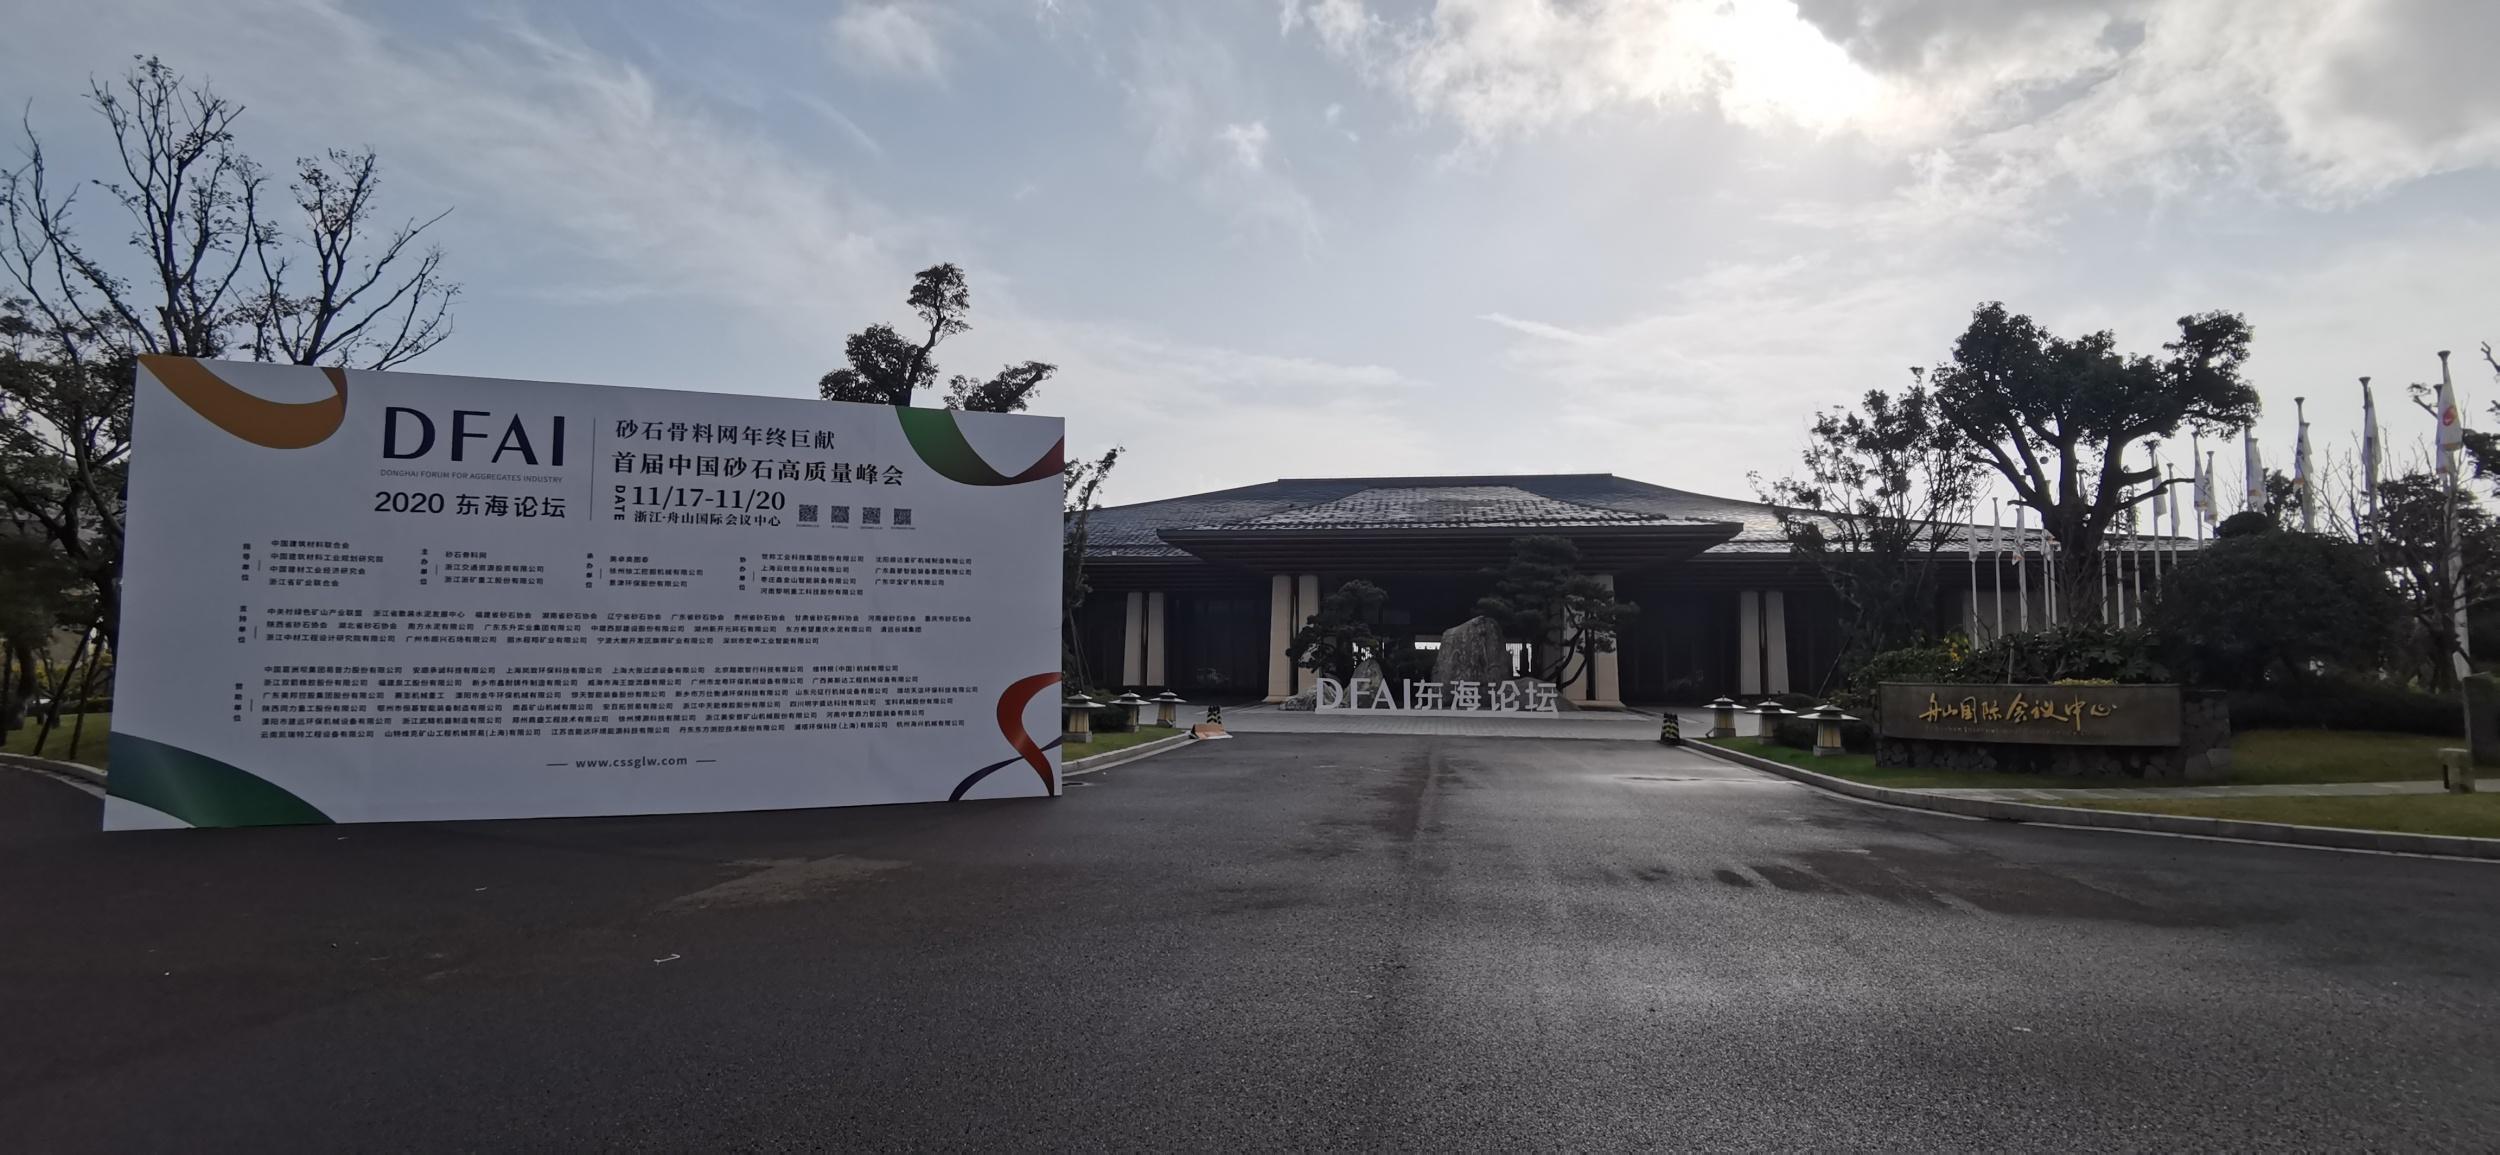 【聚焦】 2020東海論壇系列主題會議